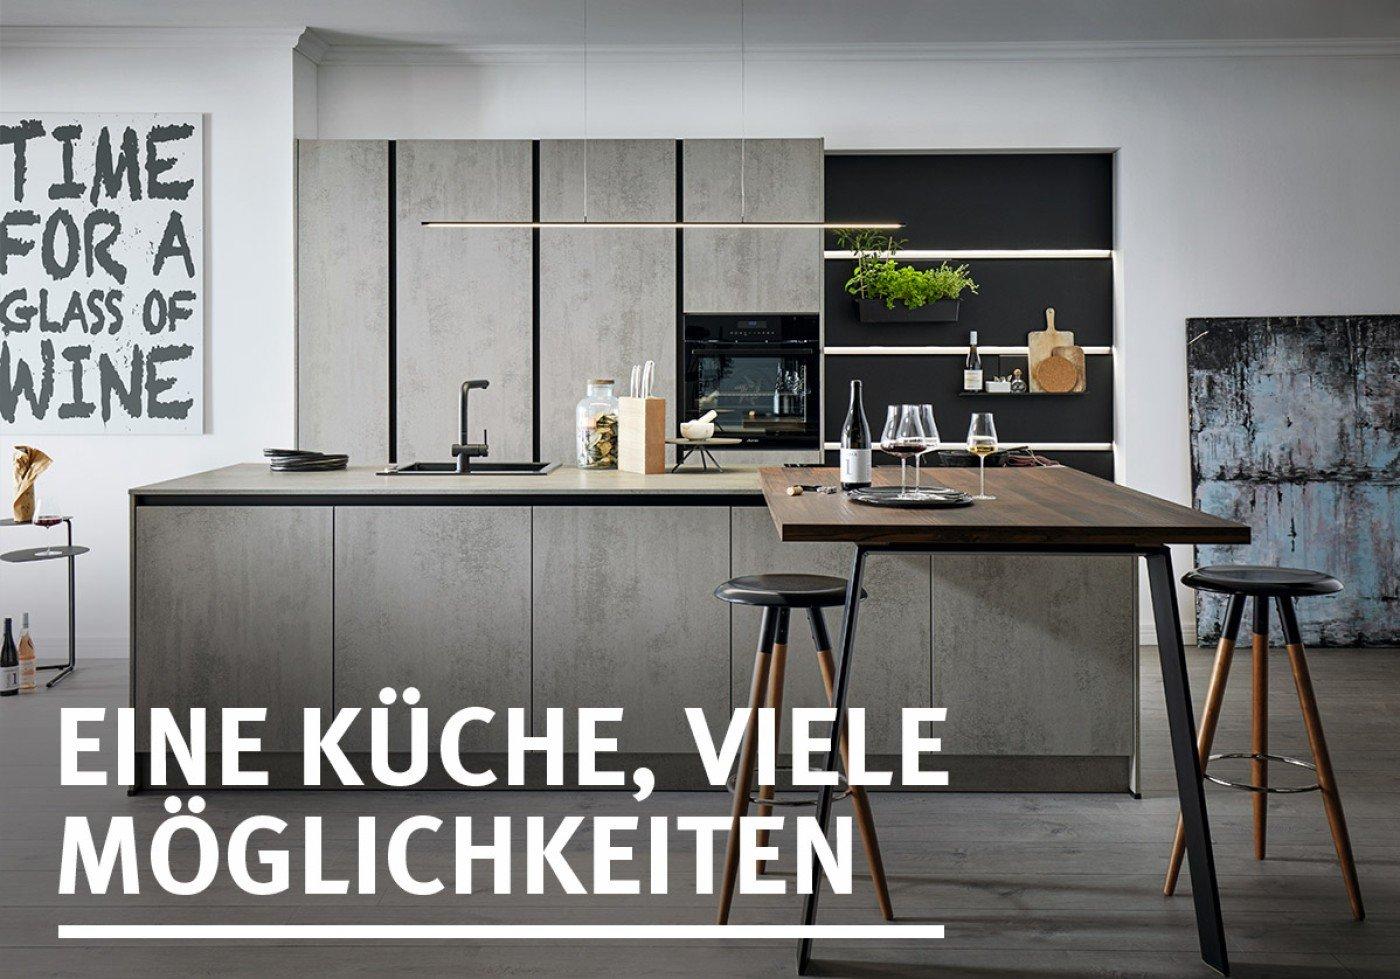 Eine Küche, viele Möglichkeiten